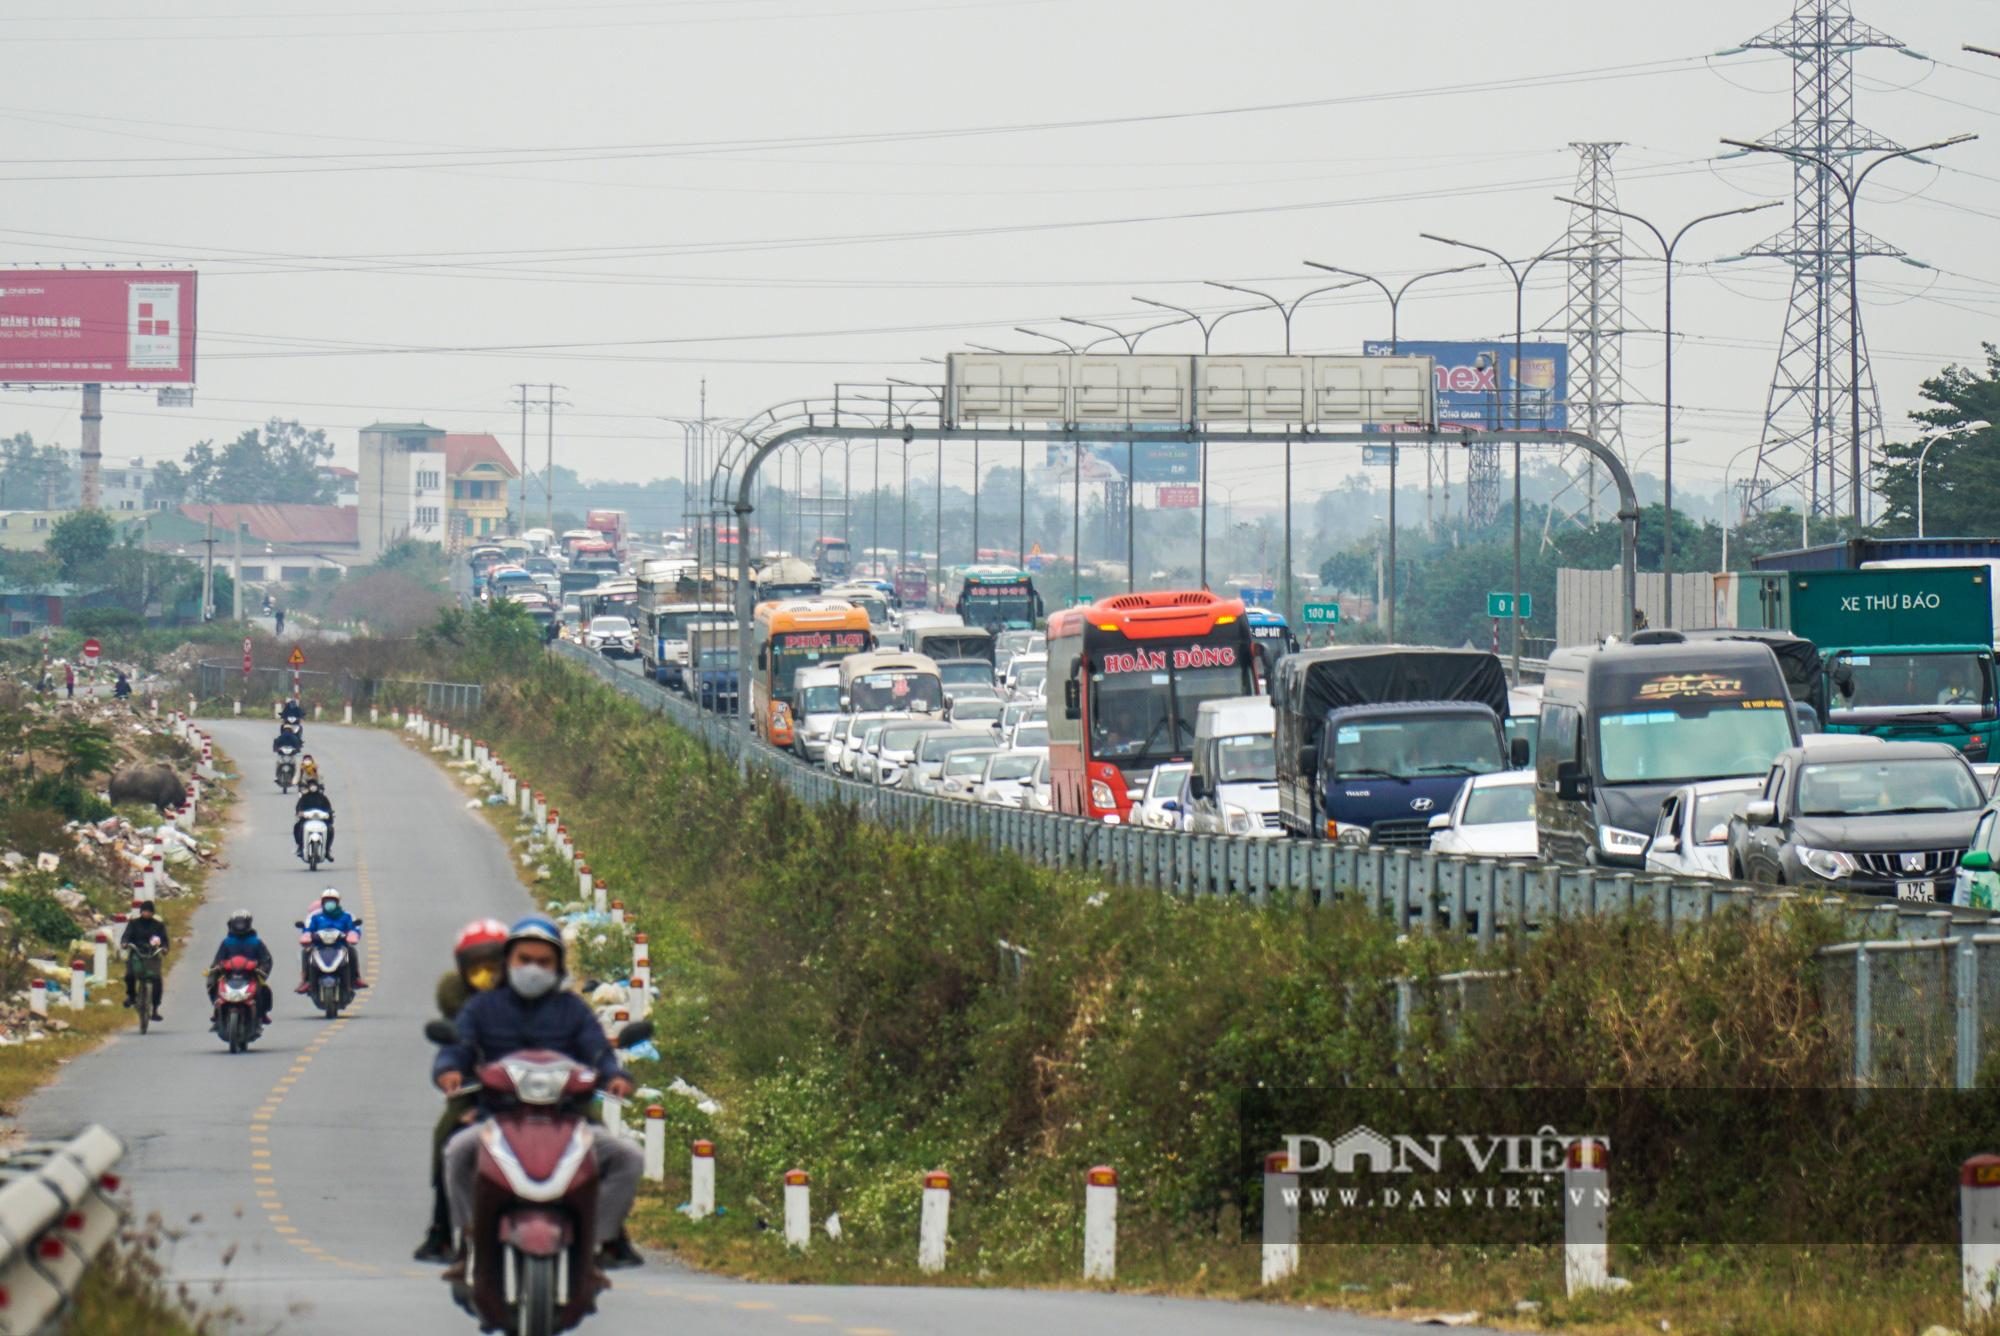 Cửa ngõ Thủ đô ùn tắc gần chục cây số sau khi kết thúc kỳ nghỉ Tết Dương lịch - Ảnh 4.